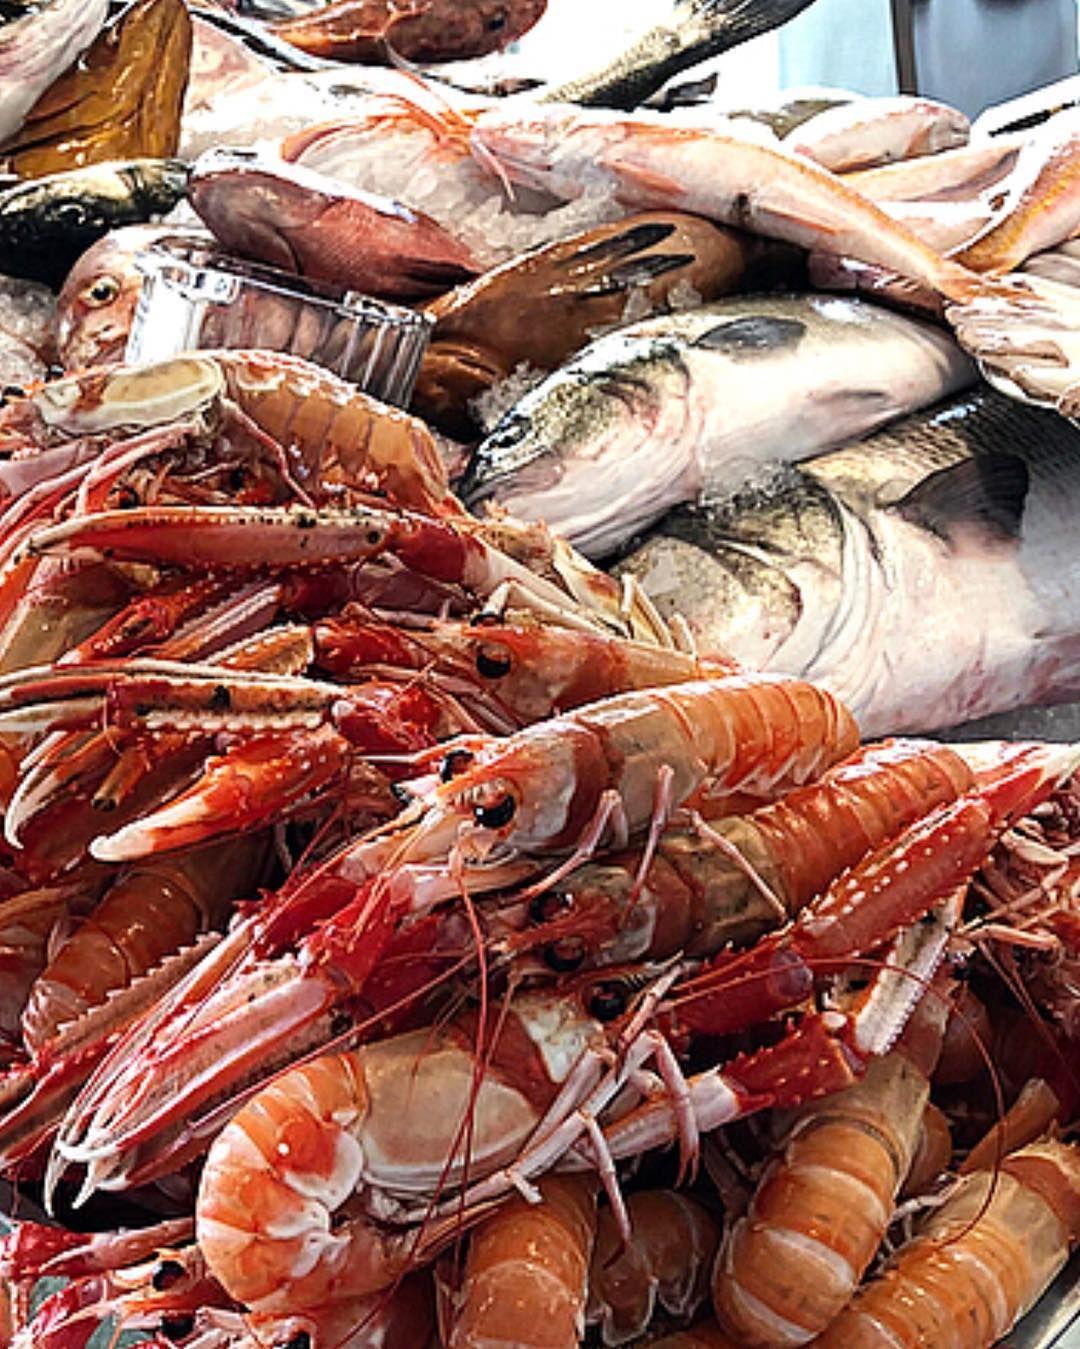 The Best Of The Mediterranean Sea Lo Mejor Del Mar Mediterraneo Cigalas Fish Norwaylobster Pescado Market Norway Lobster Mediterranean Sea Mediterranean